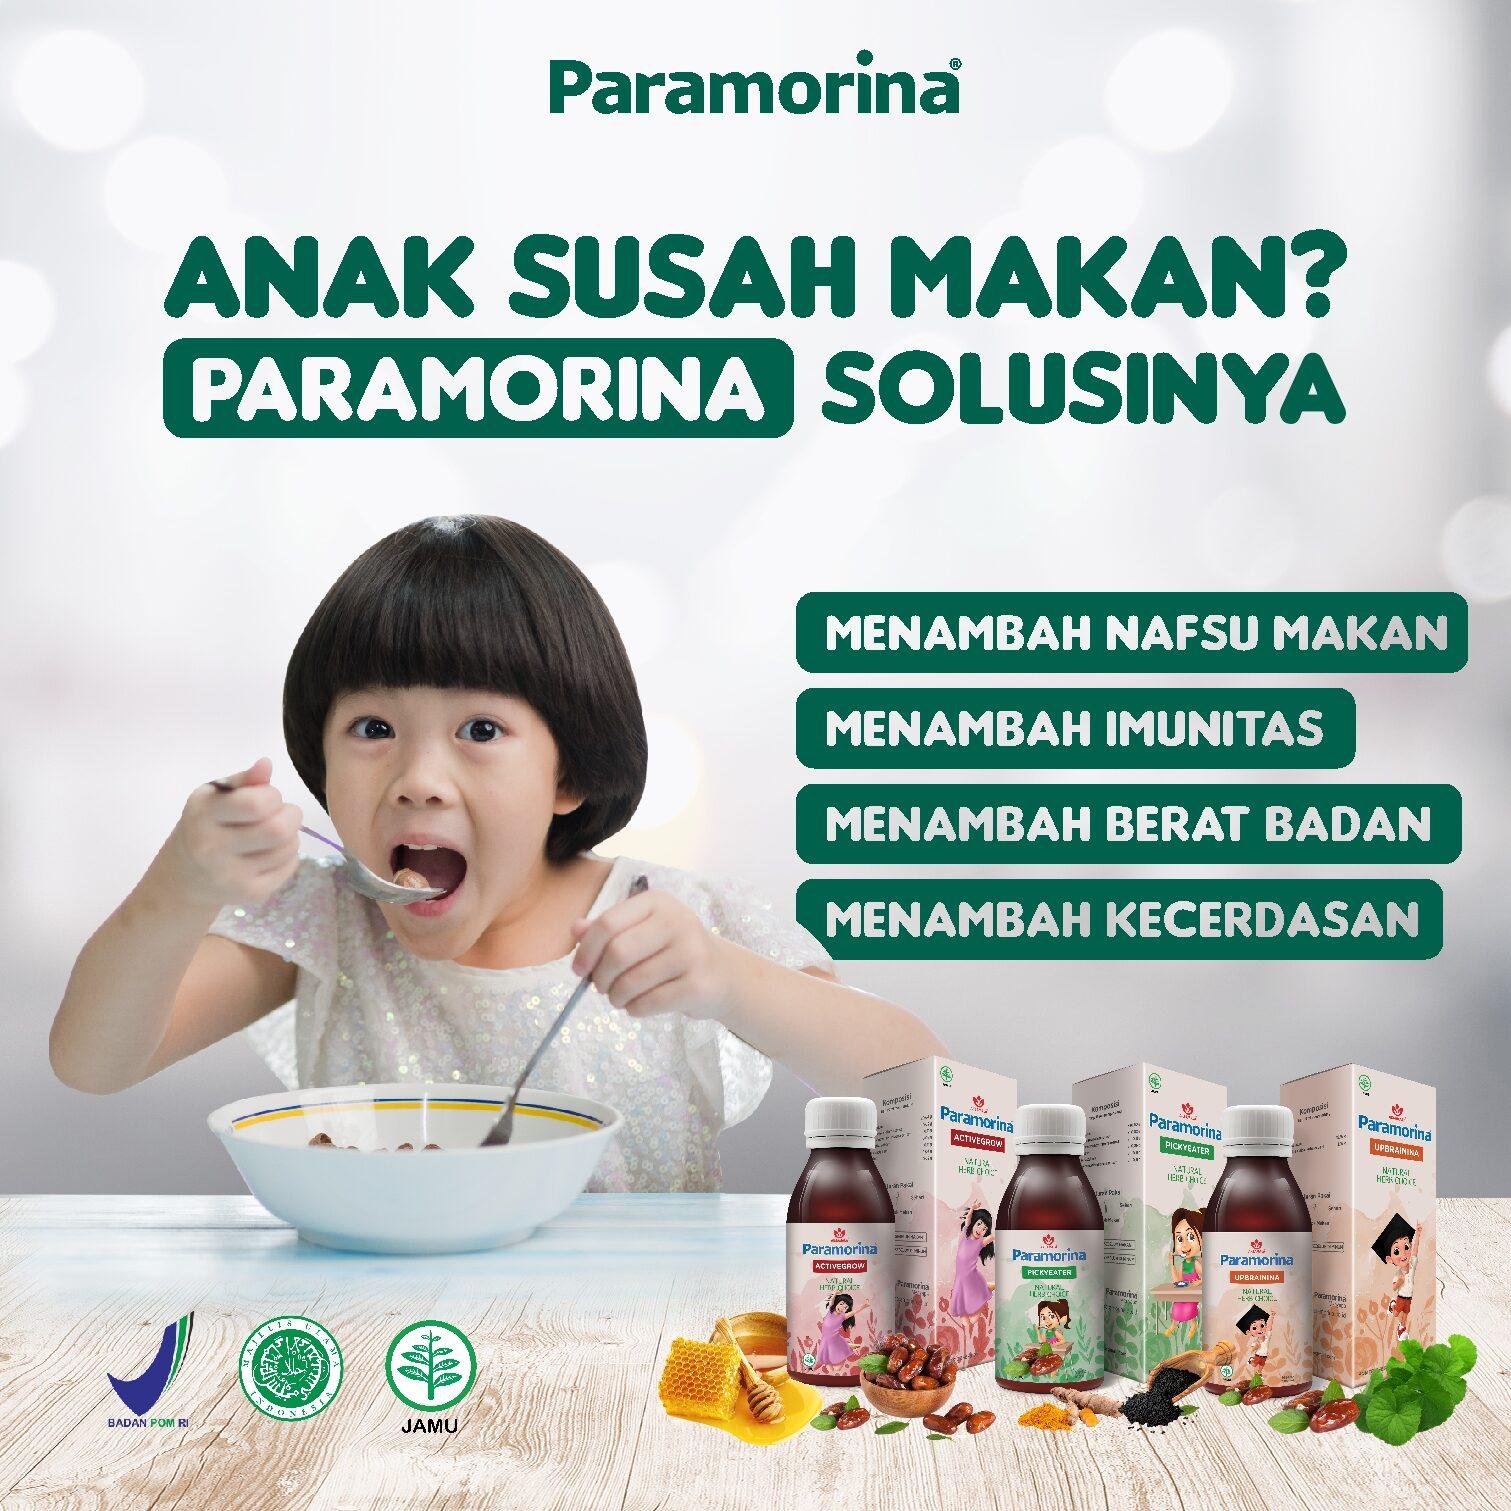 Paramorina